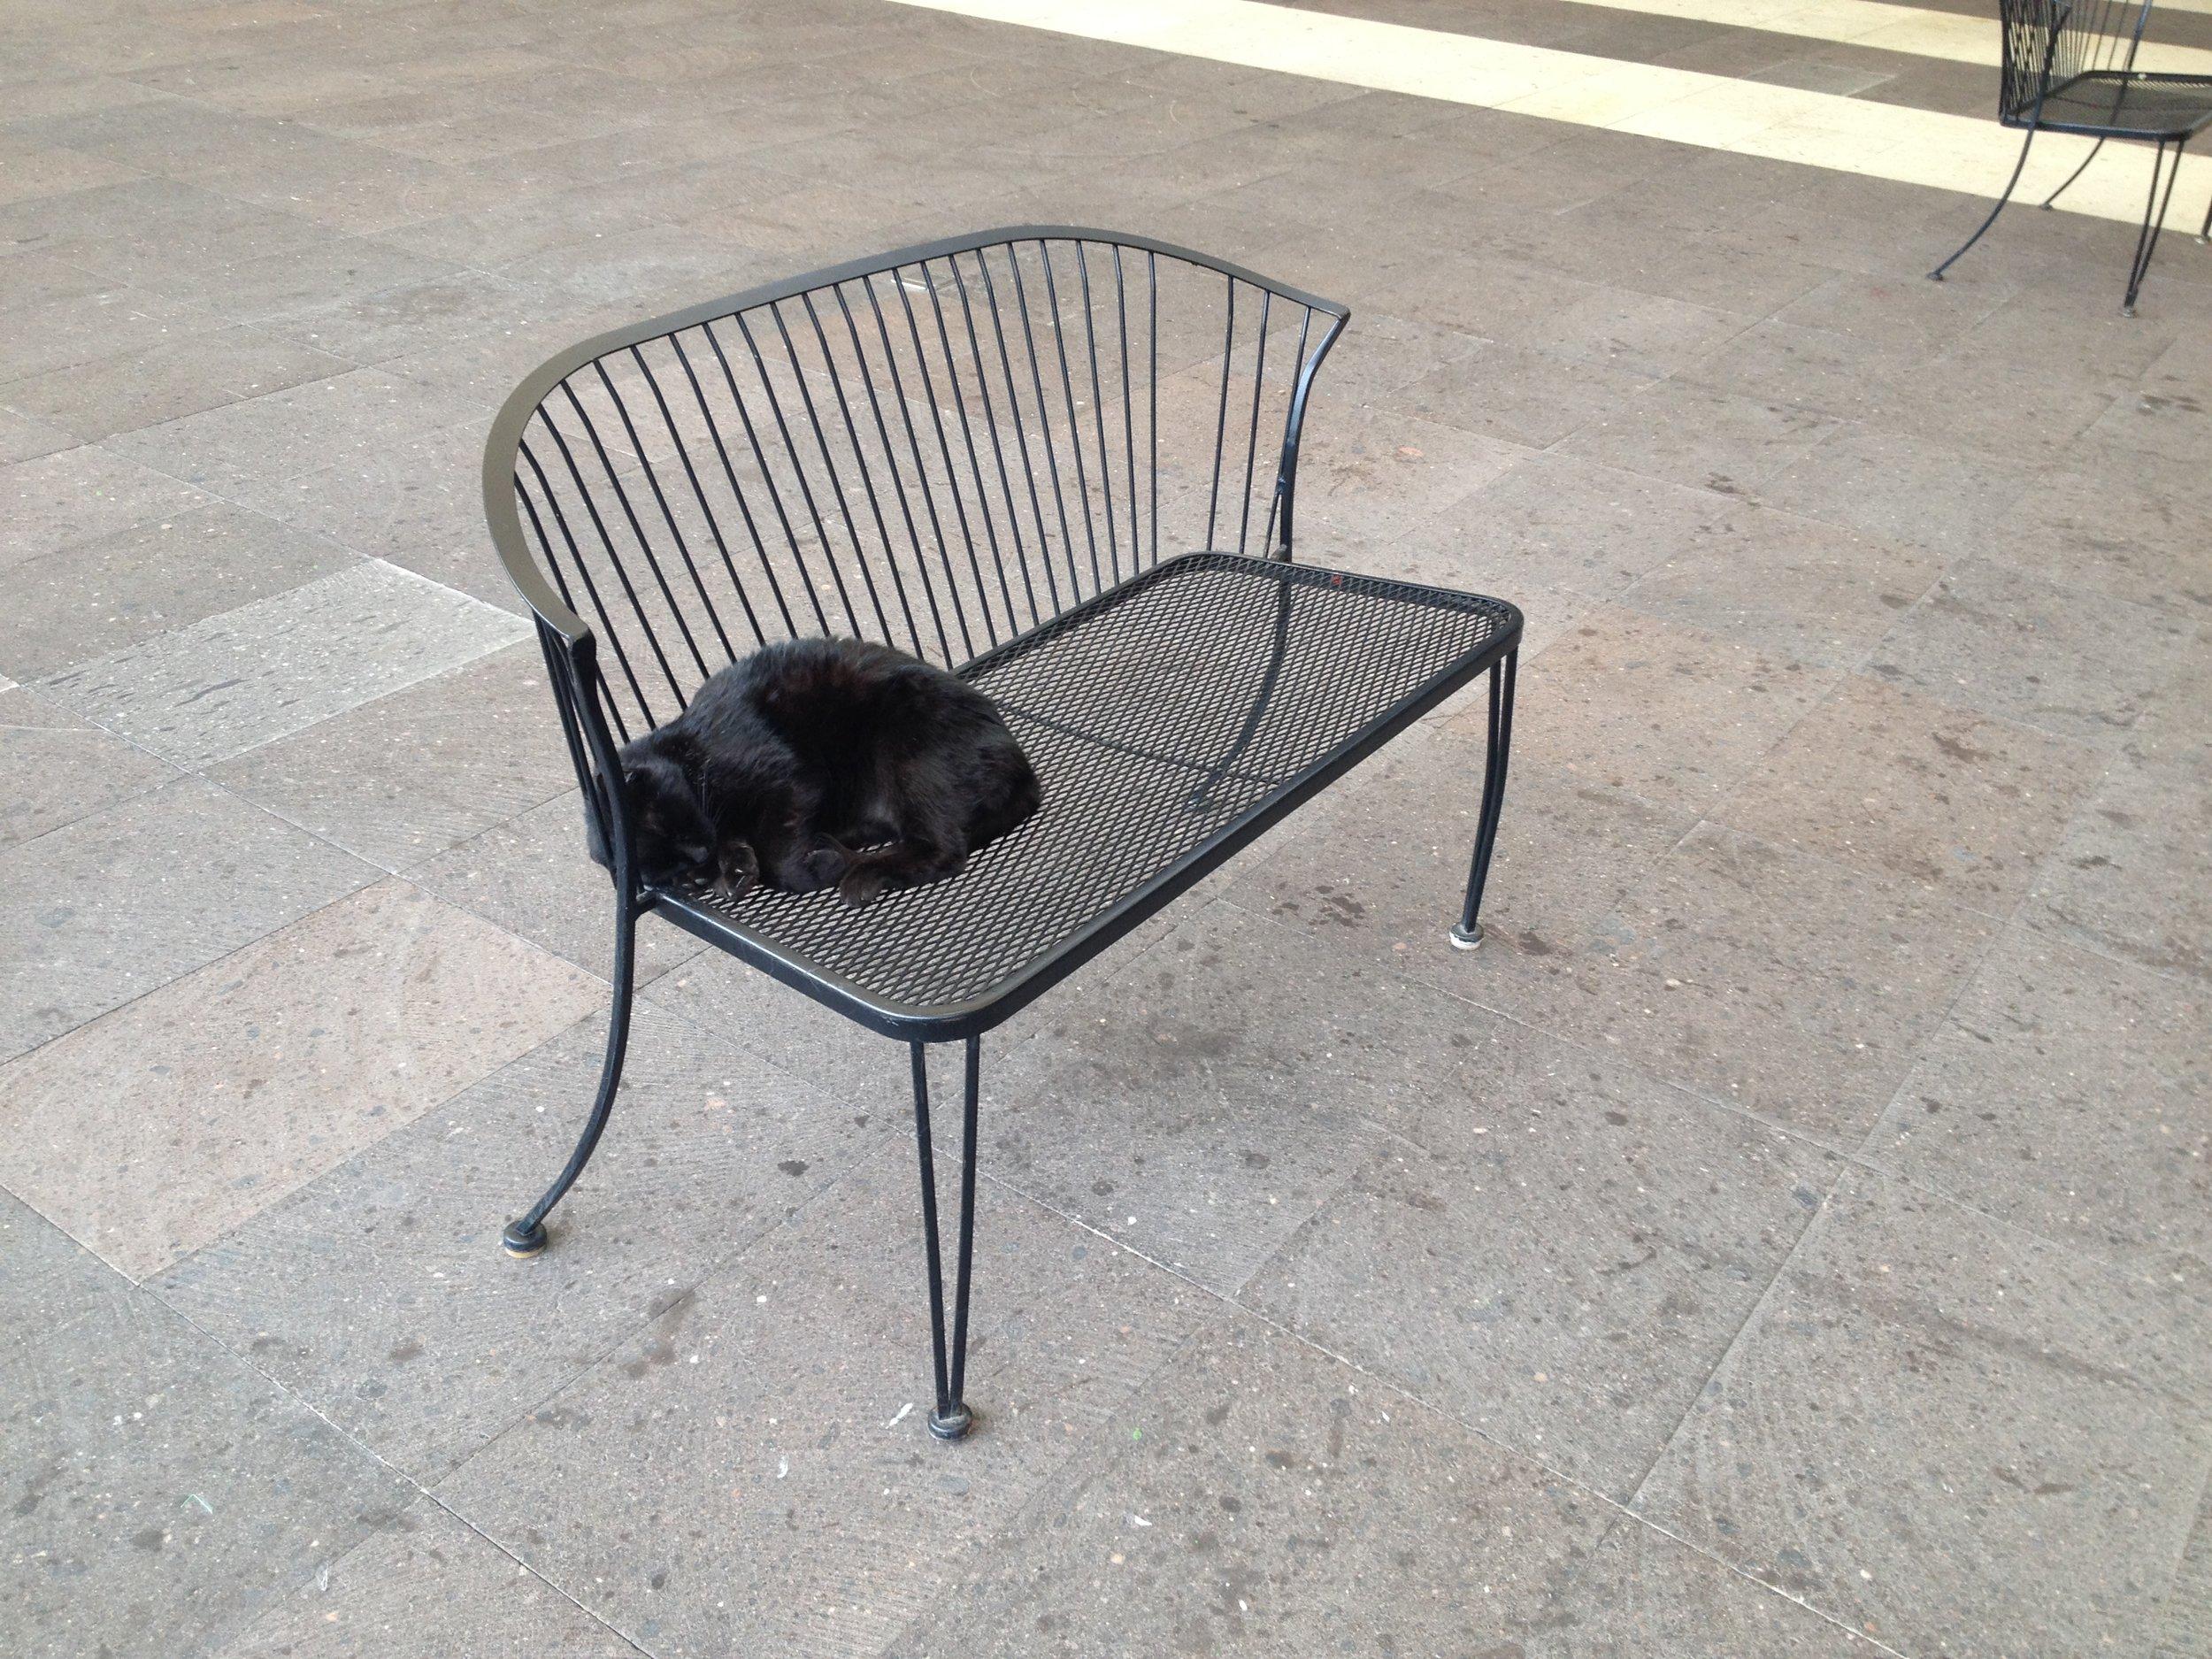 Uno de los 22 gatos residentes en la Universidad del Claustro de Sor Juana, tumbado al solecito